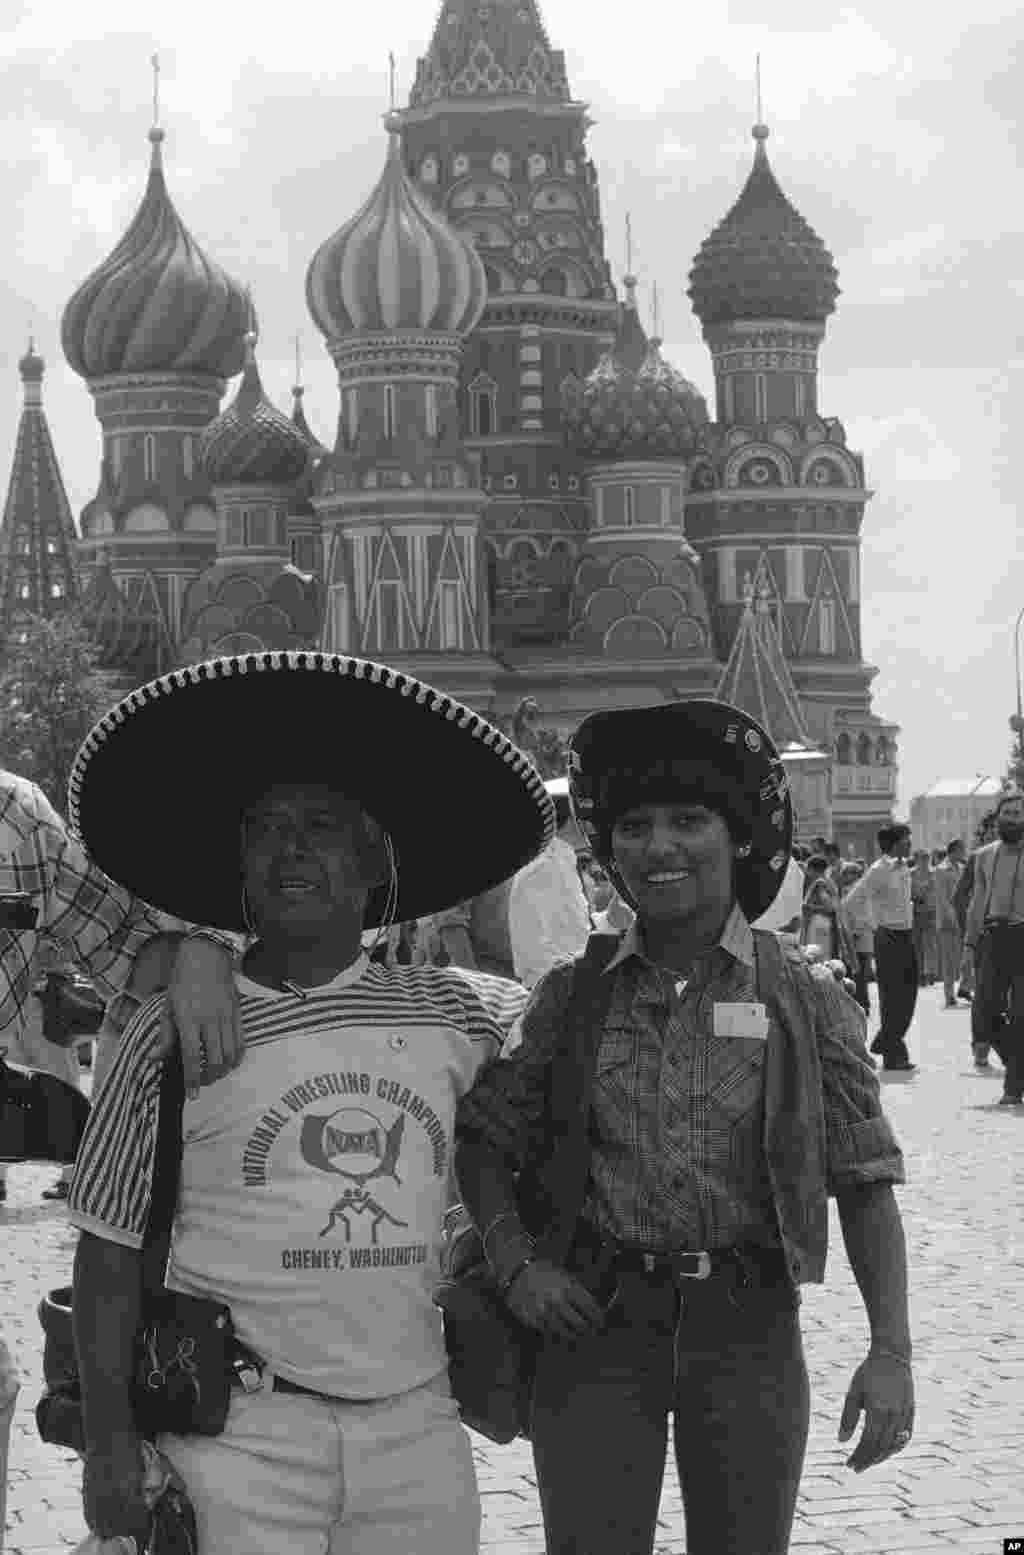 Жителі Нью-Йорку Максим і Фріда Сіра в центрі Москви. Пара вирушила до Радянського Союзу, щоб відвідати Ігри